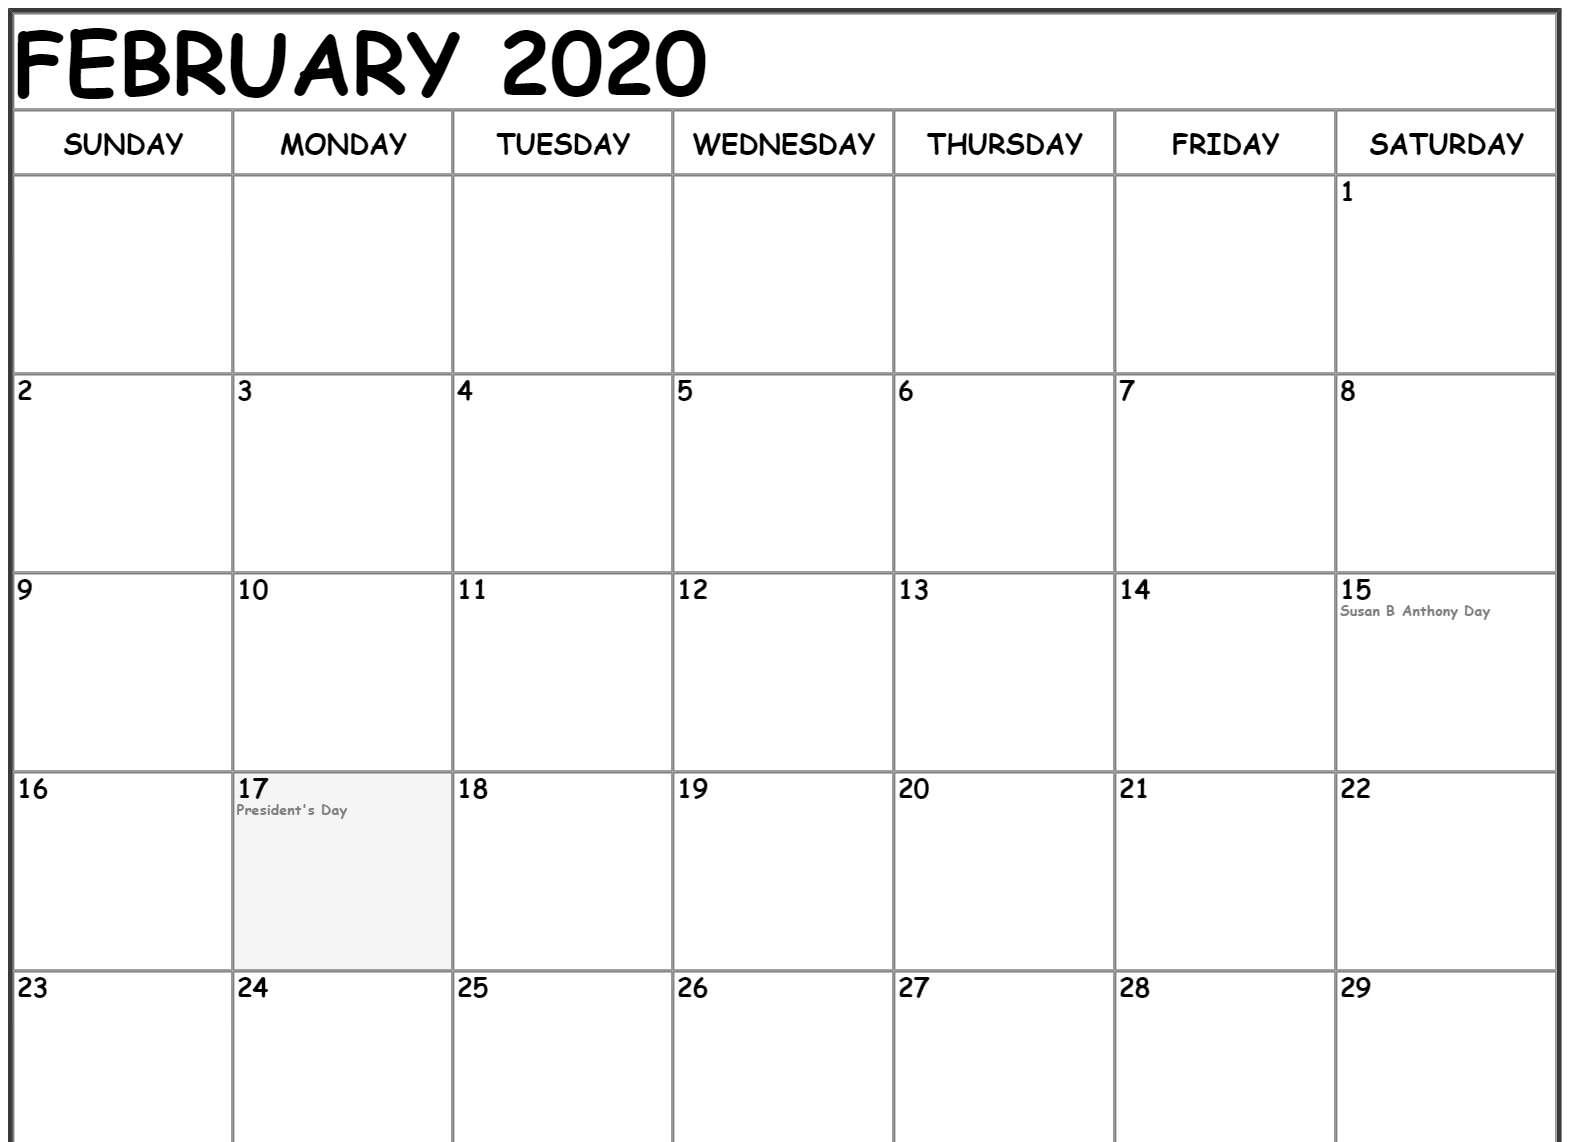 February 2020 Calendar Holidays